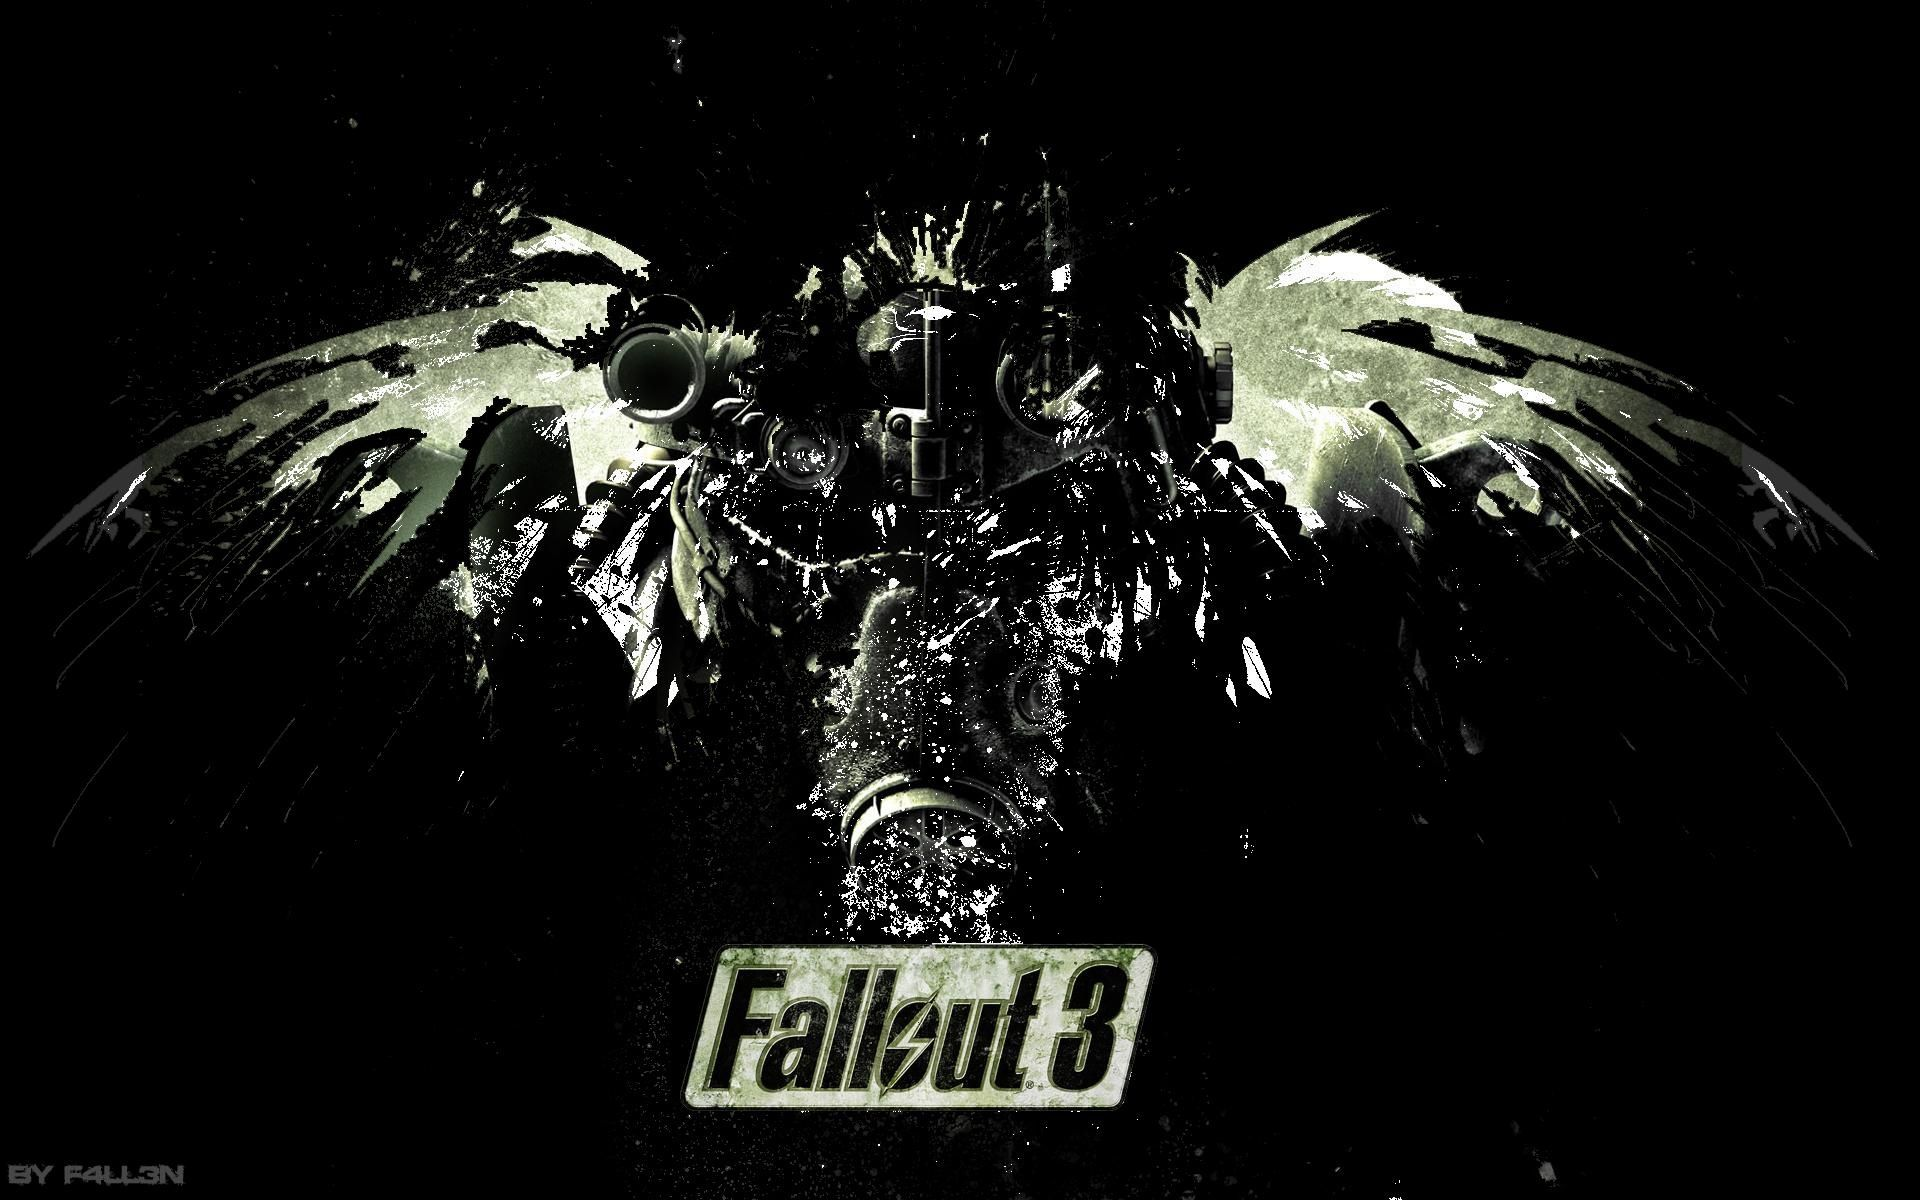 Fallout Wallpaper 647 3 Hd